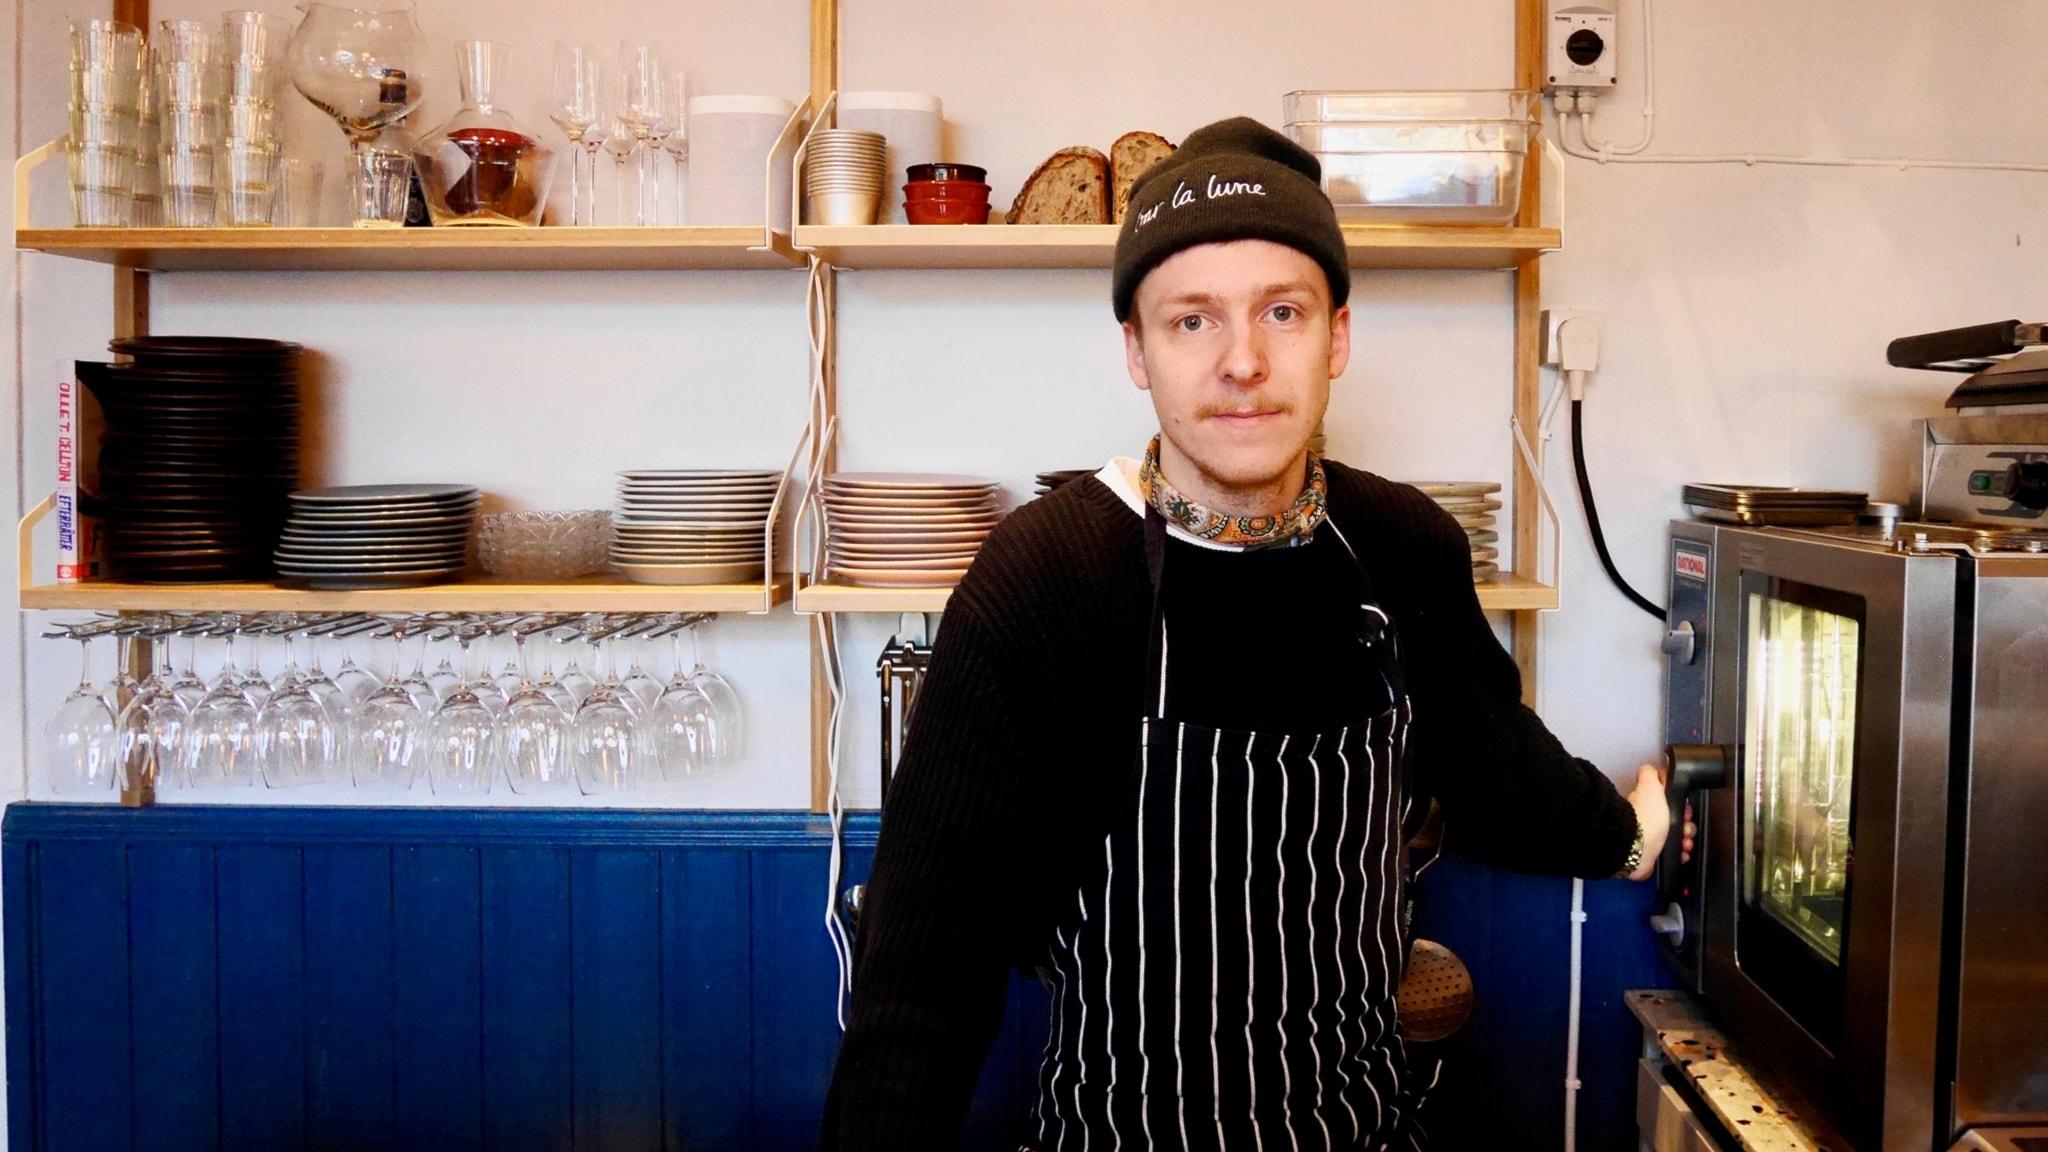 En-mans-krögaren som älskar kålrabbi och beskt och lagar mat på en kokplatta